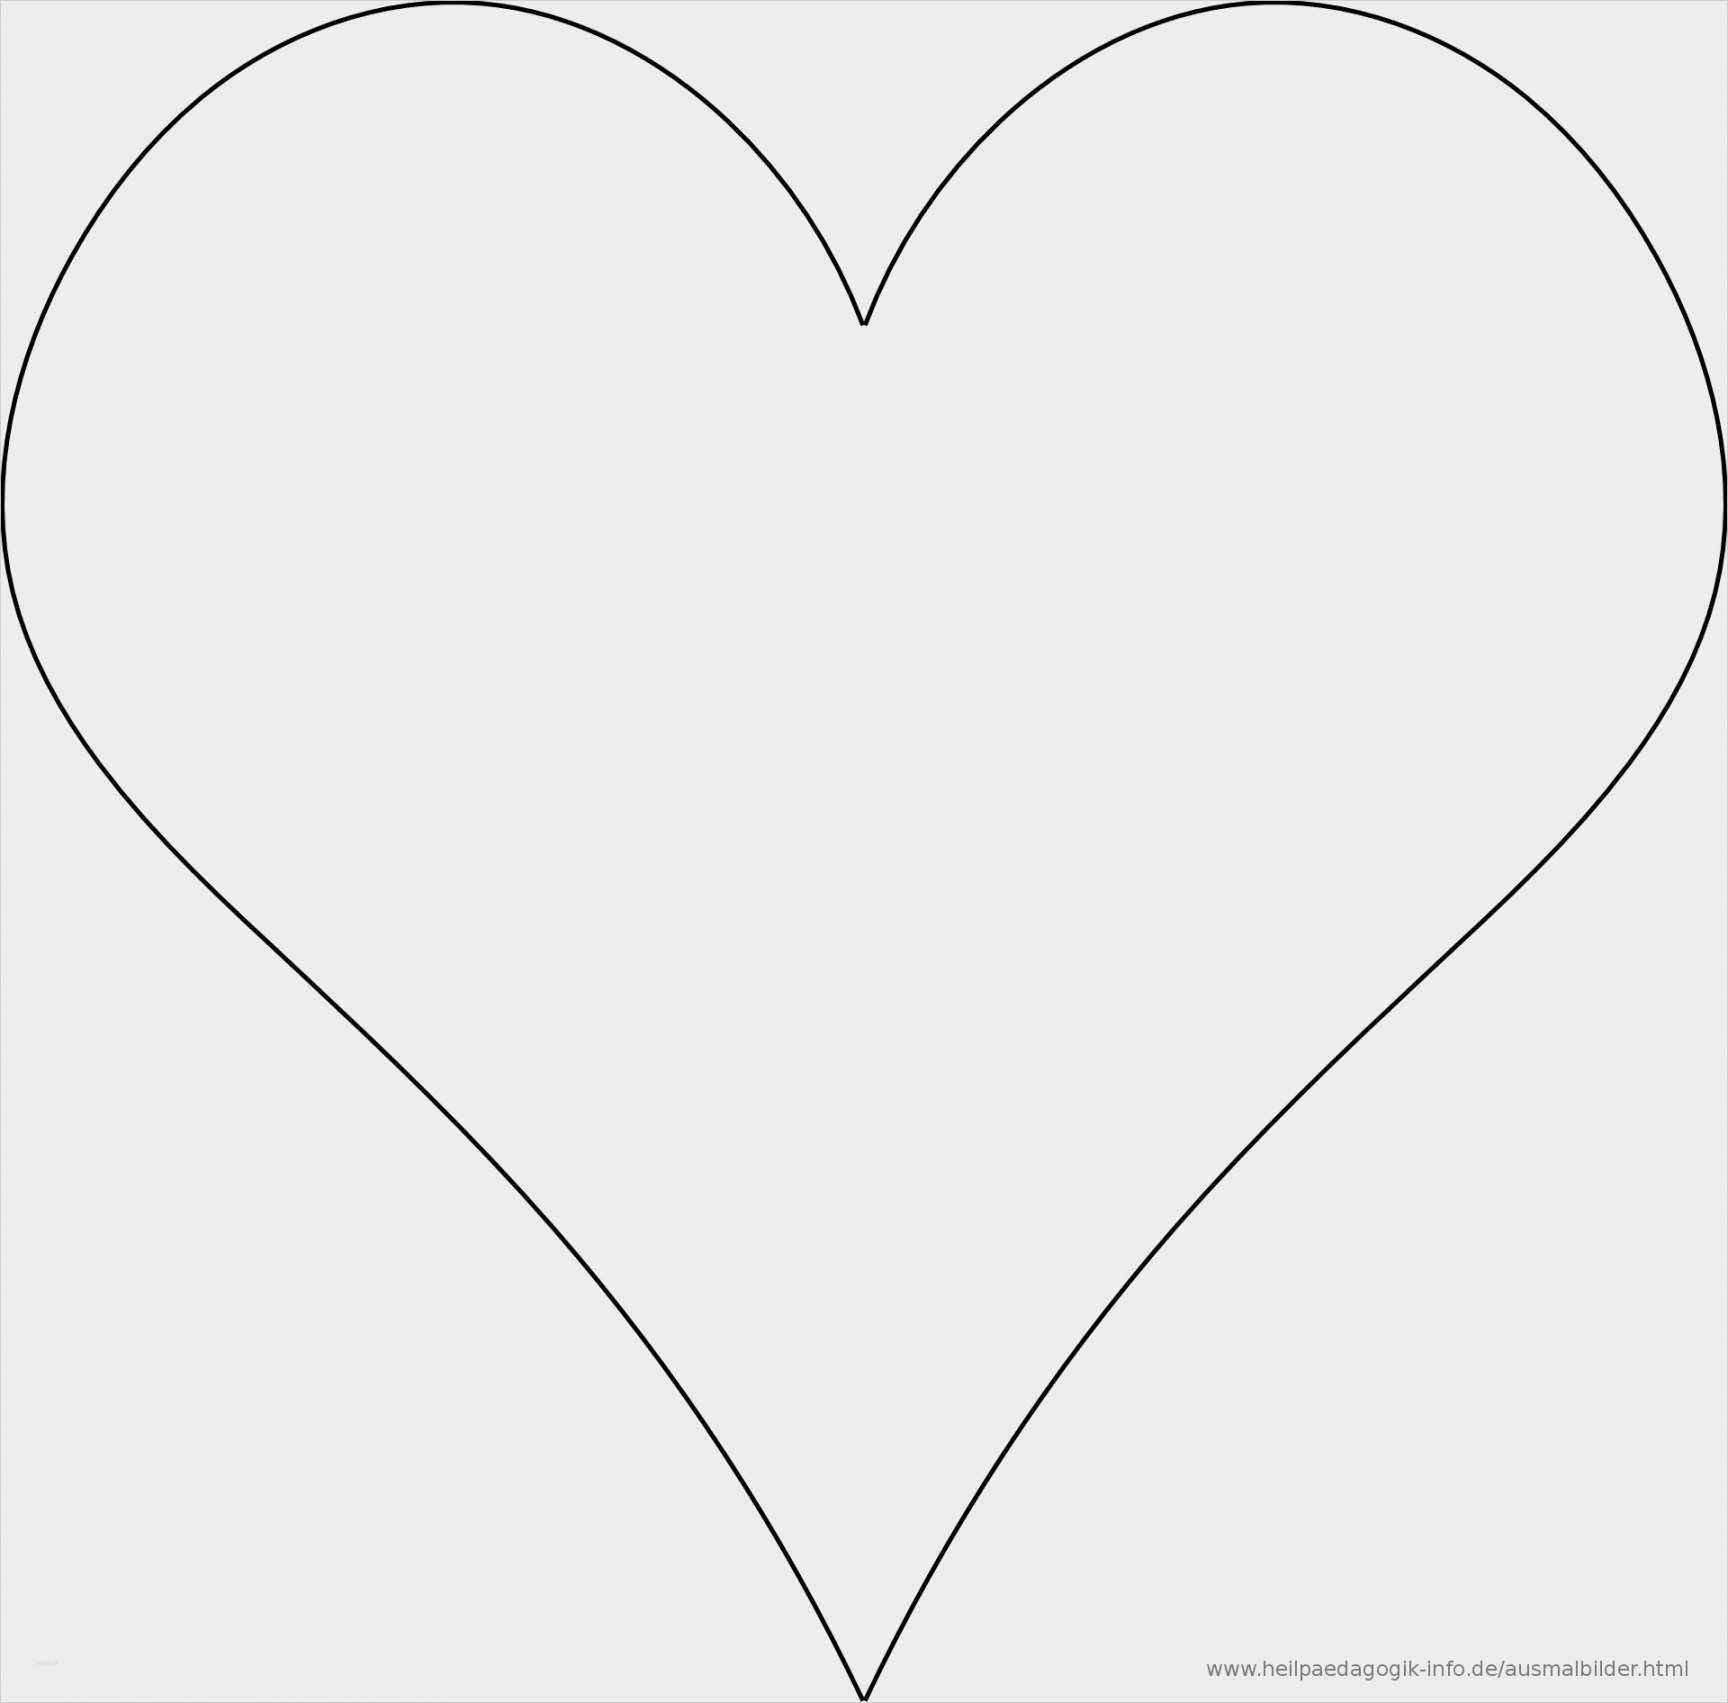 Annehmbar Herz Vorlage Din A4 Zum Ausdrucken Herz Vorlage Vorlagen Ausdrucken